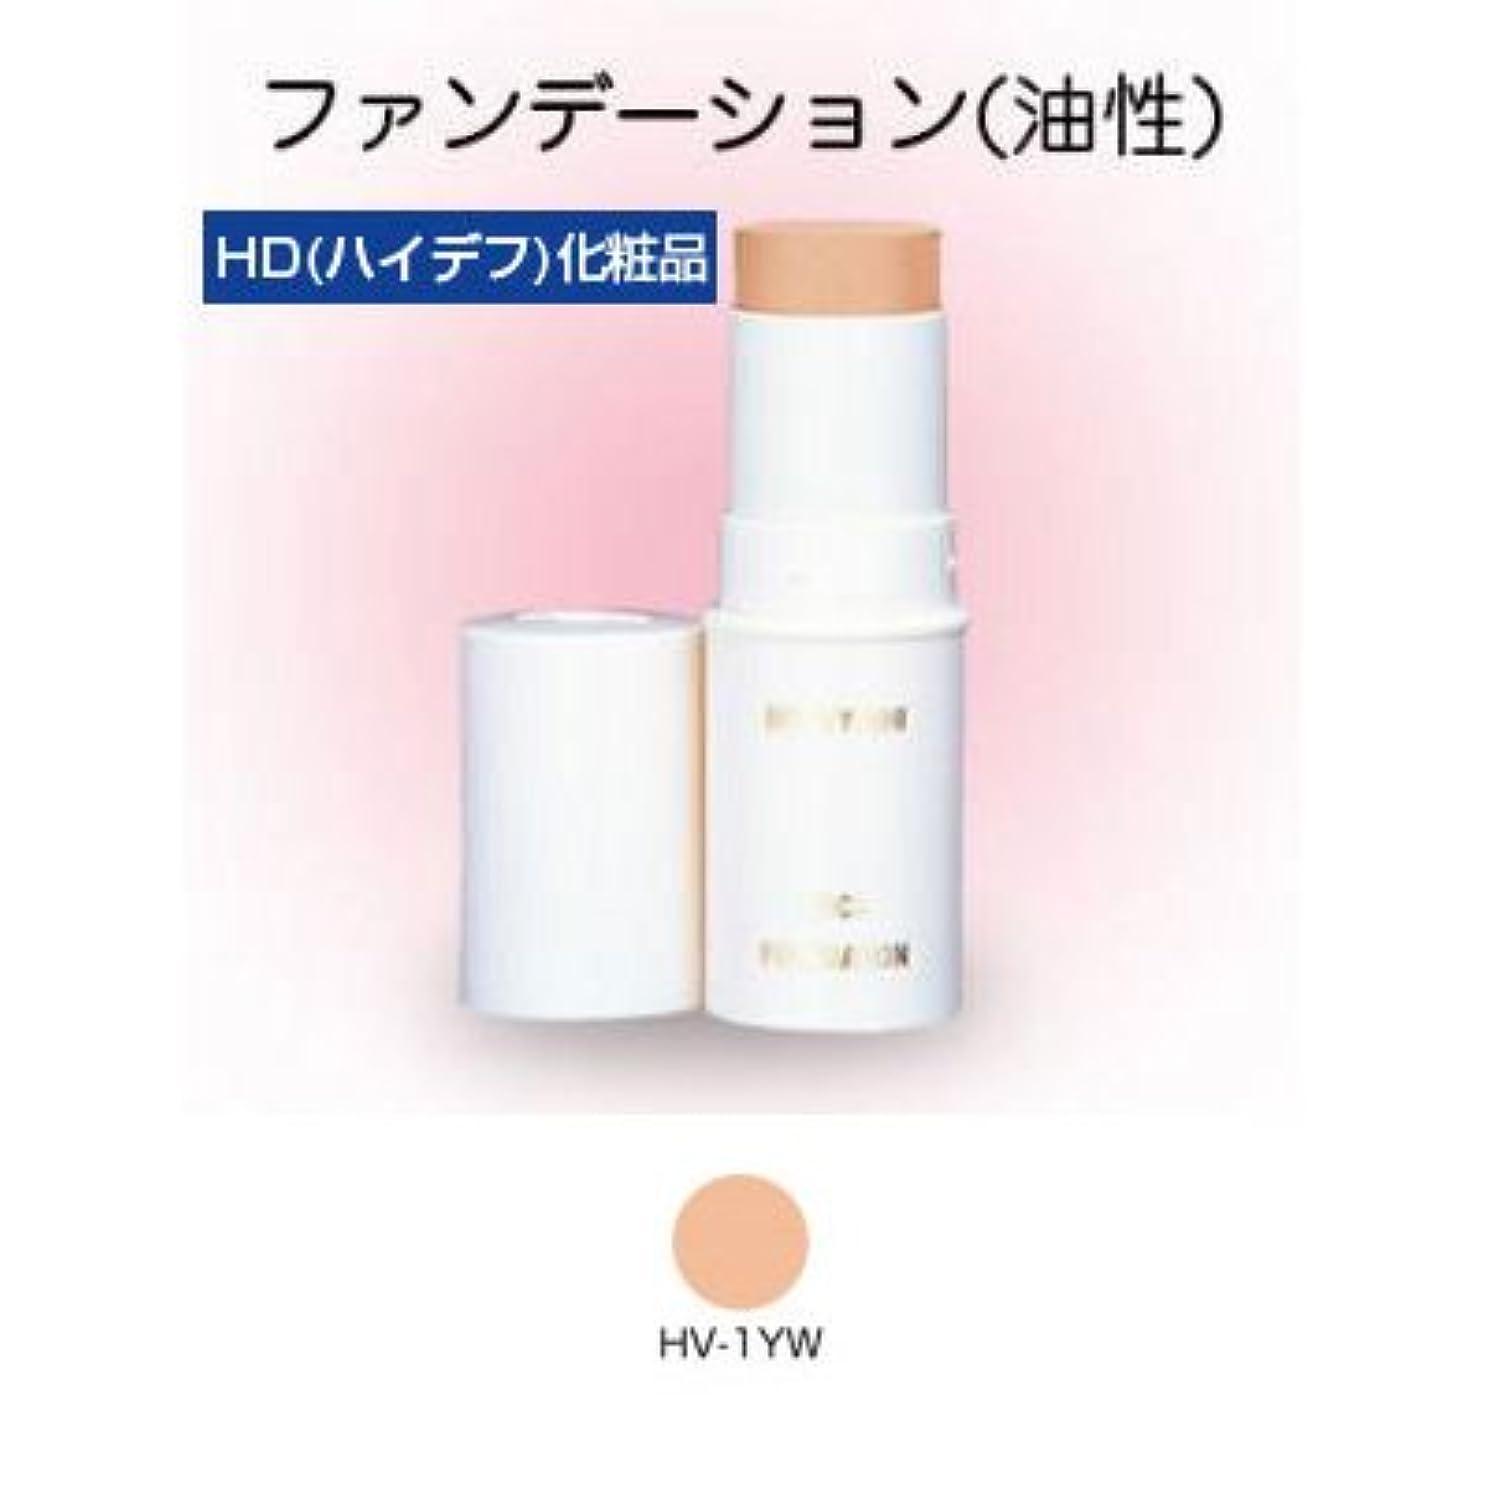 険しいダイヤル申し込むスティックファンデーション HD化粧品 17g 1YW 【三善】